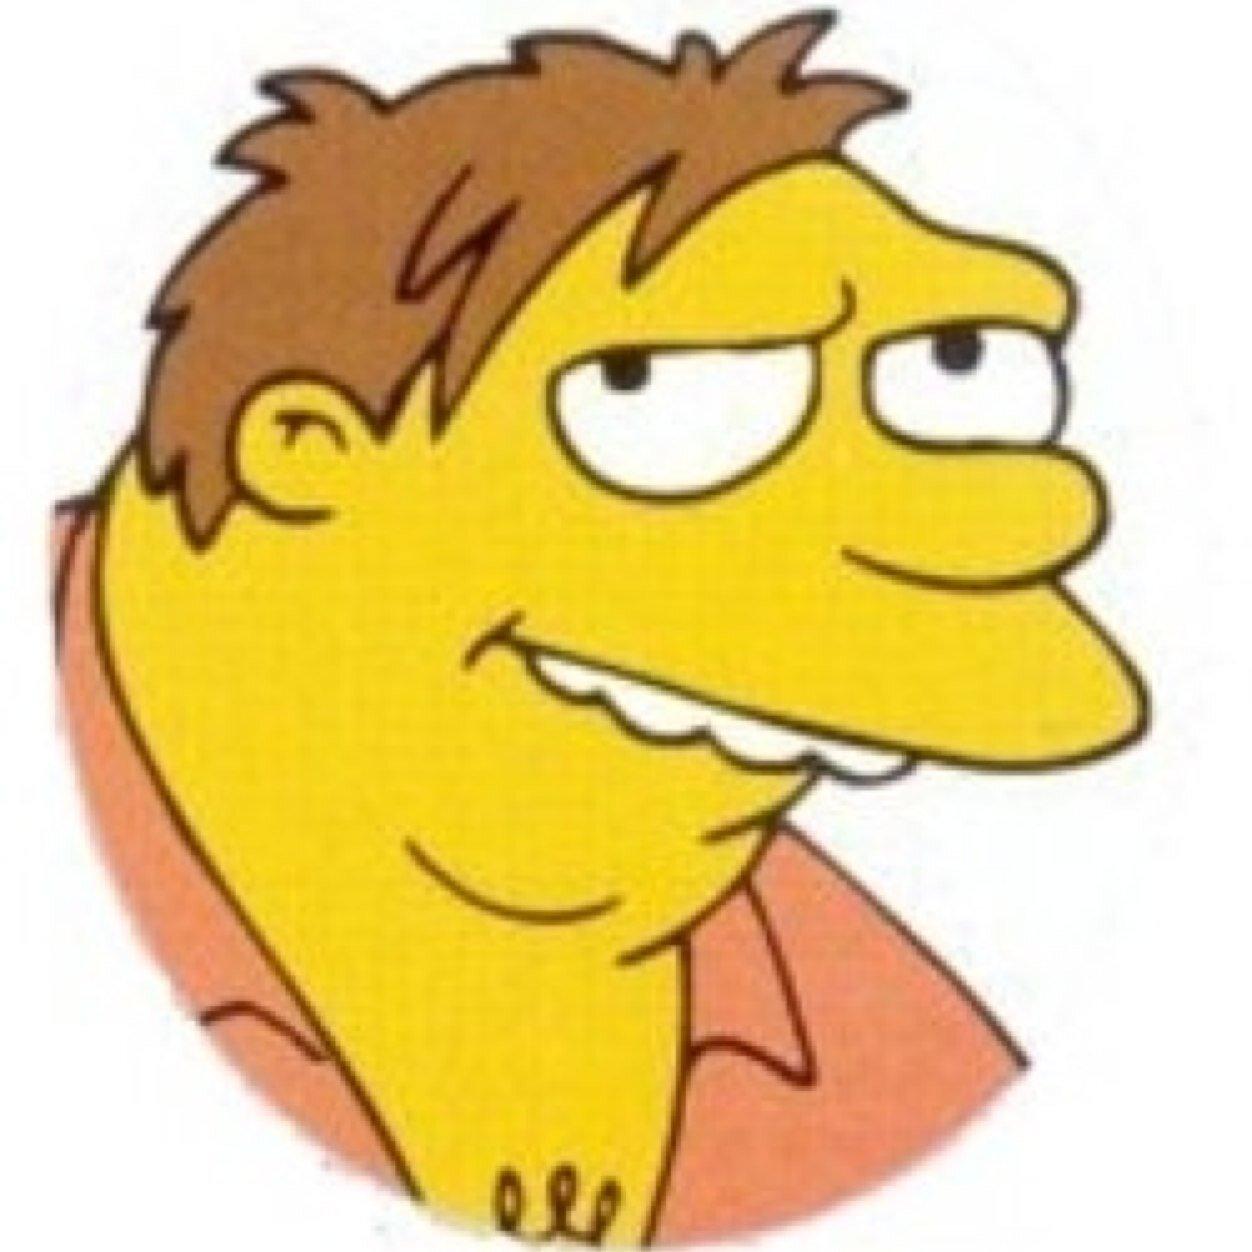 Barney Barney Gumble Soybarneygumble Twitter